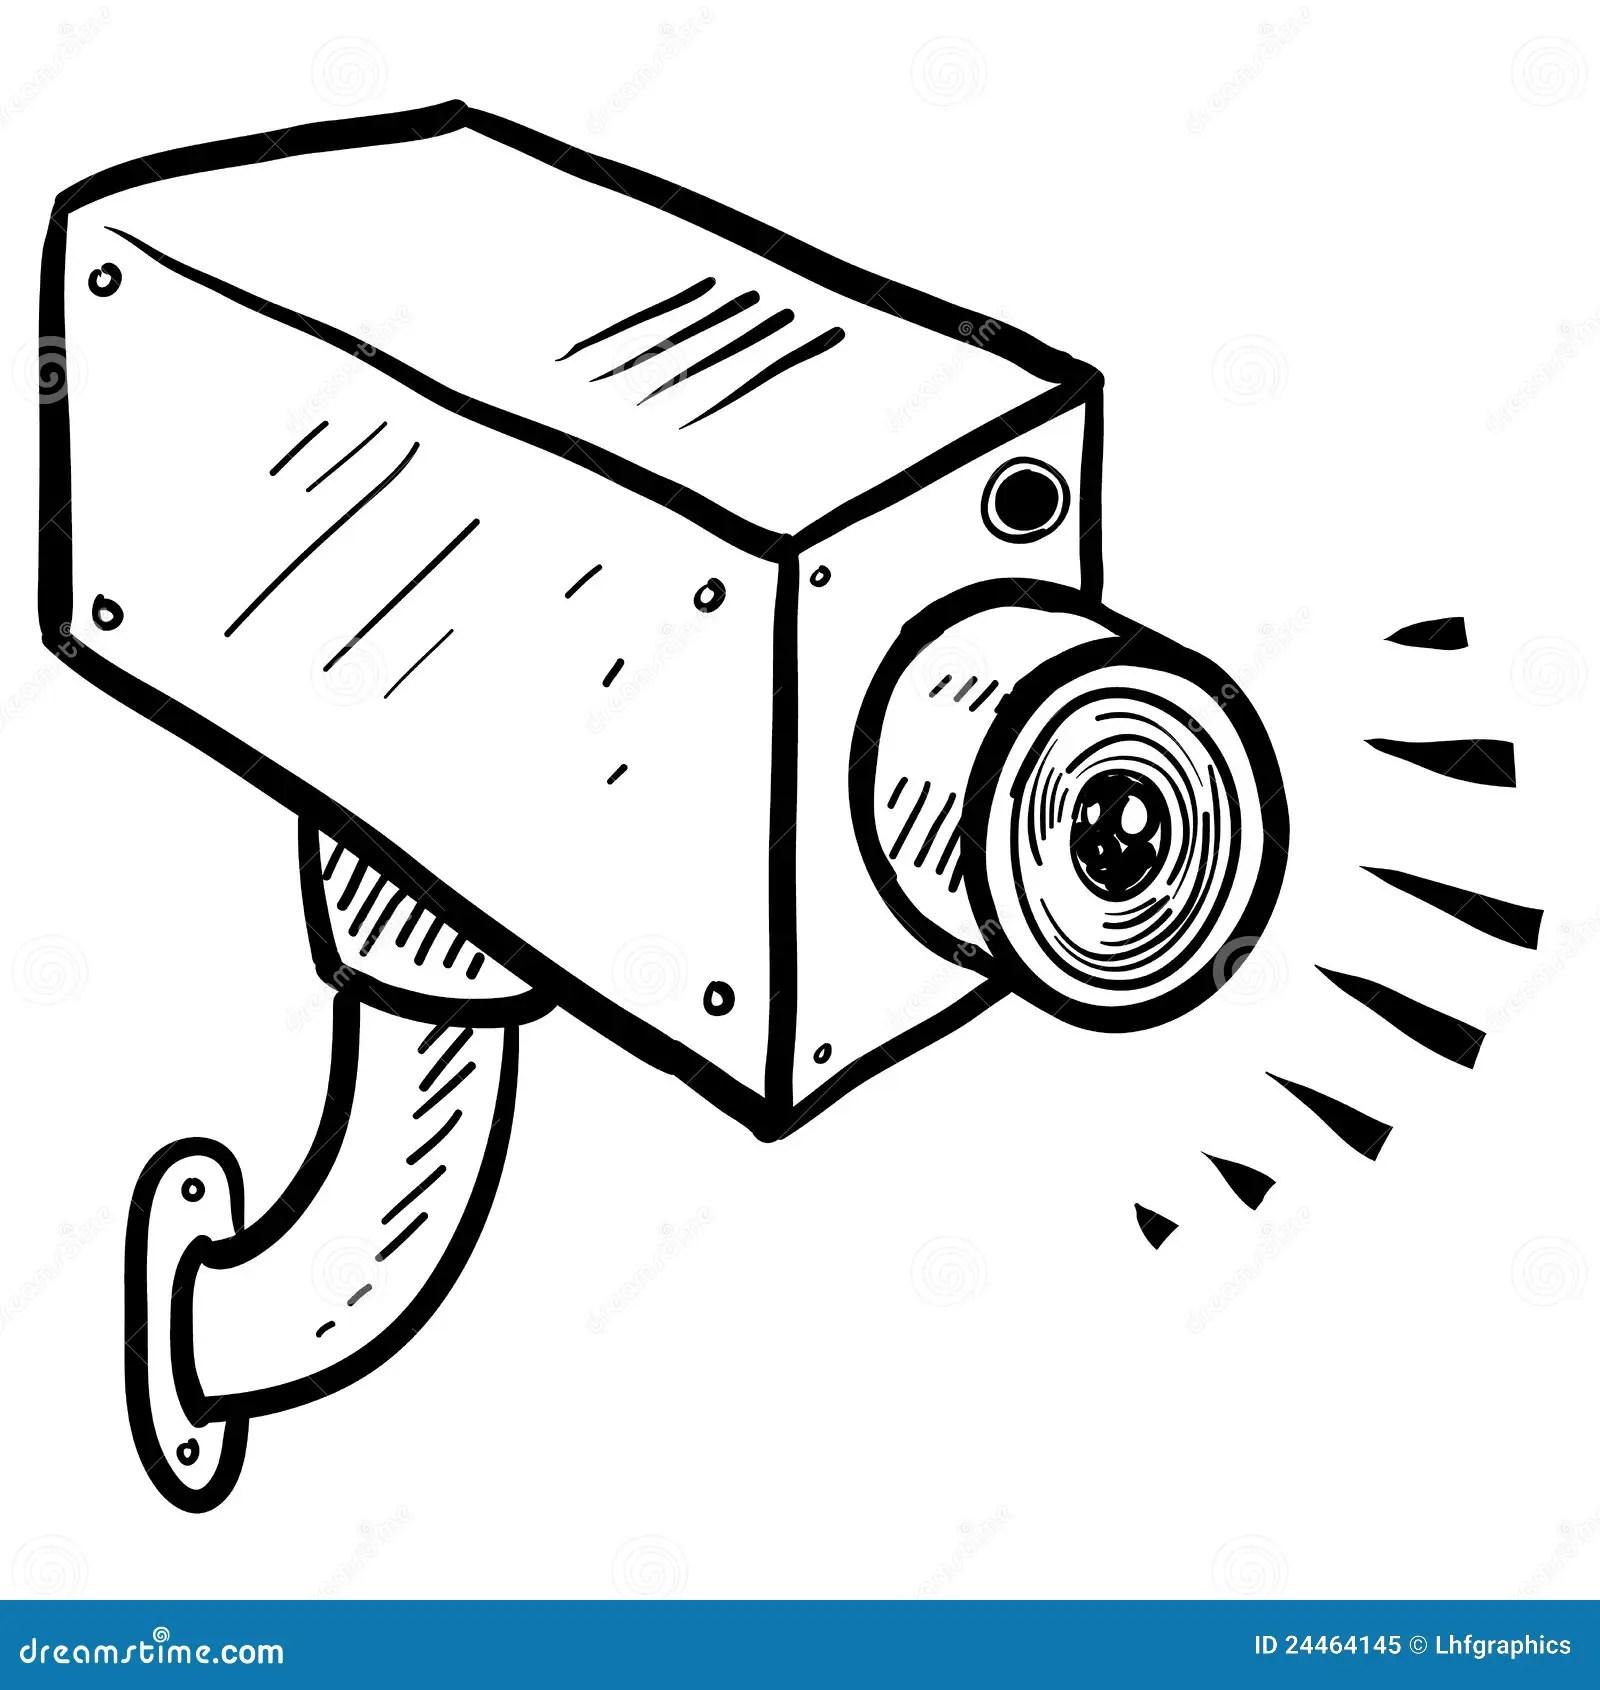 Cctv Security Camera Sketch Stock Vector